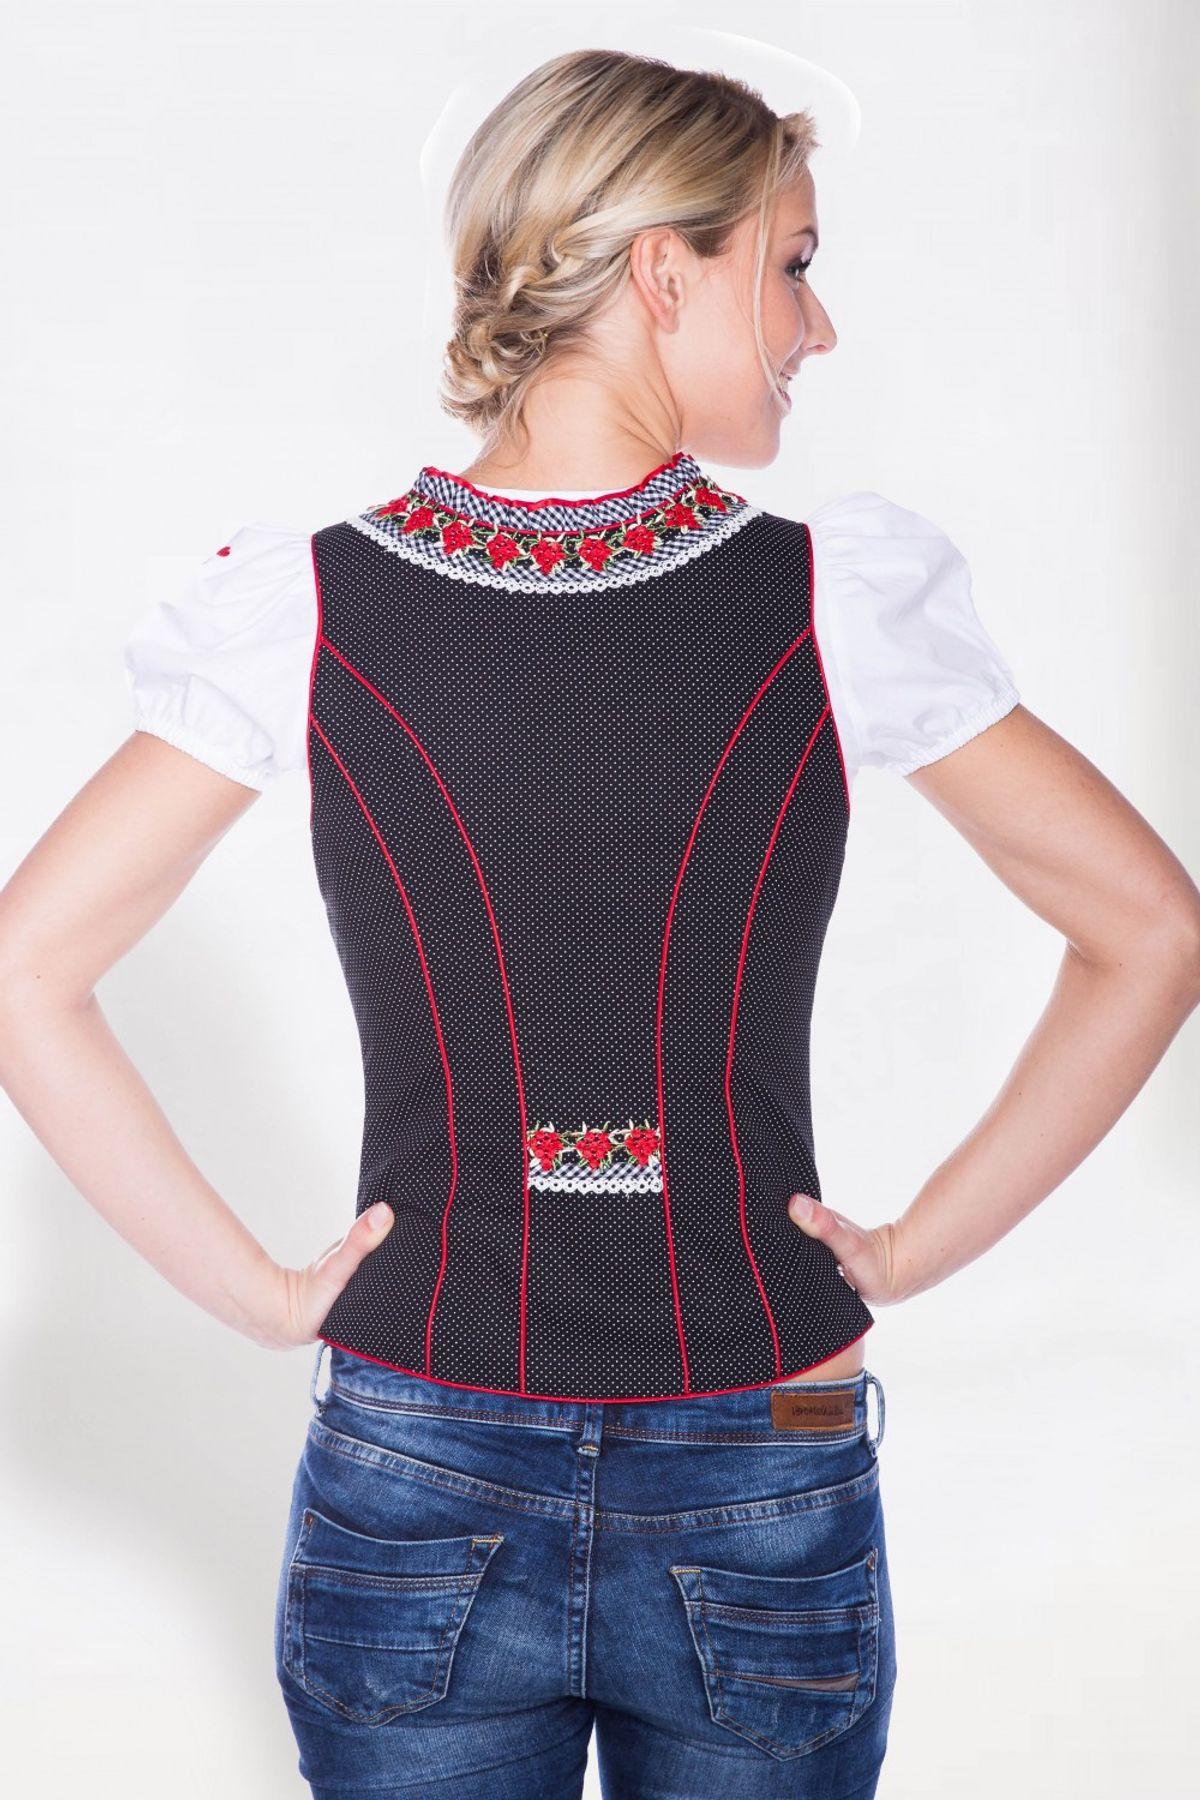 Krüger - Damen Trachten Mieder in Rot/Schwarz mit weißen Punkten aus 100% Baumwolle, Rotkäppchen (Artikelnummer: 31501-409) – Bild 3